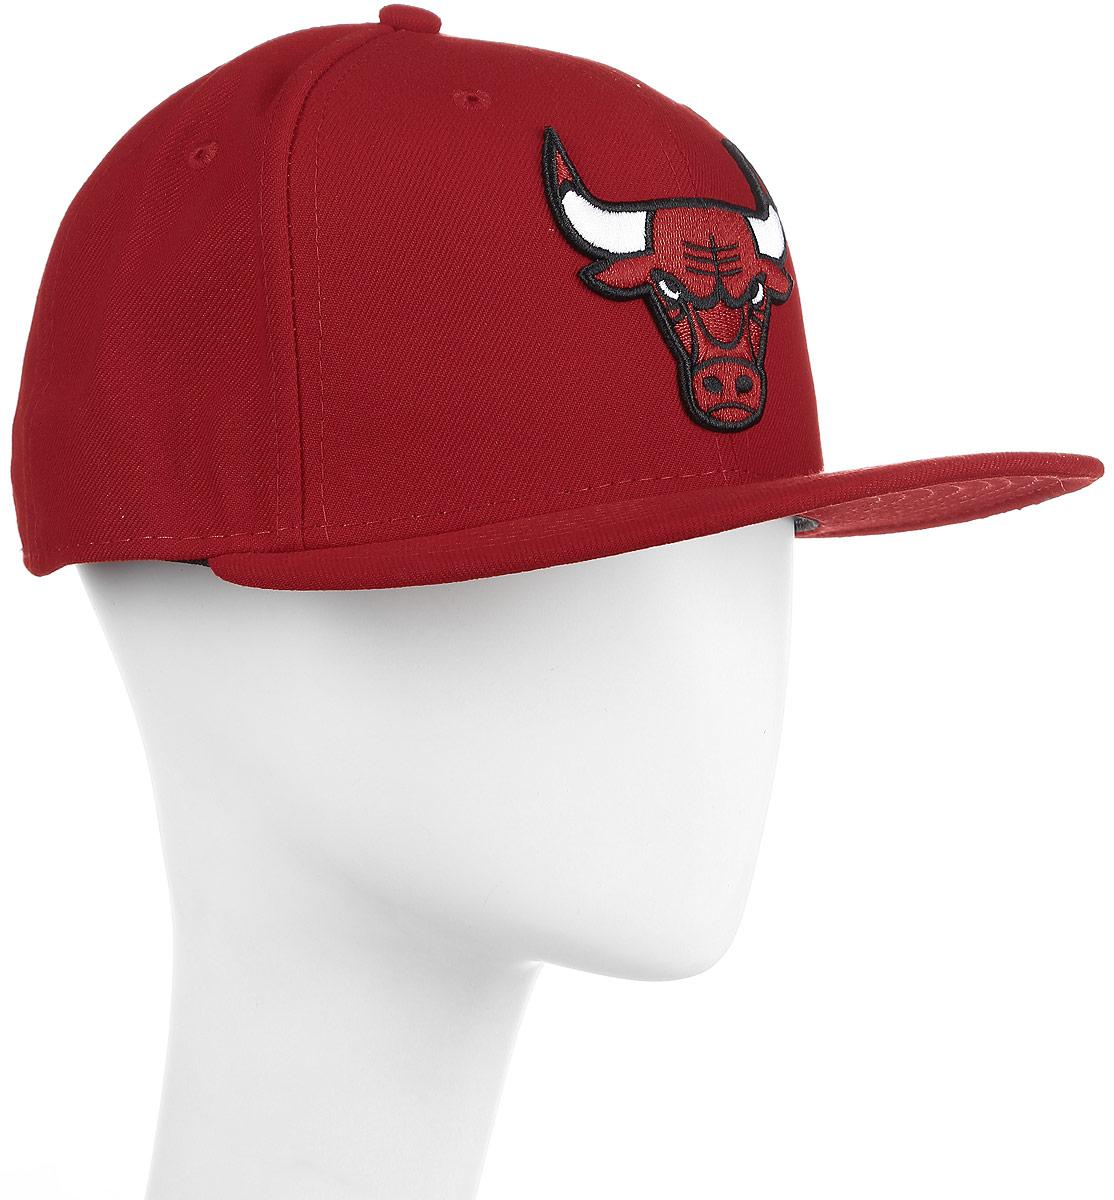 Бейсболка New Era Nba Team Chiсago Bulls, цвет: красный. 11379791-RED. Размер 7 1/4 (57) бейсболки adidas кепка nba sbc bulls s